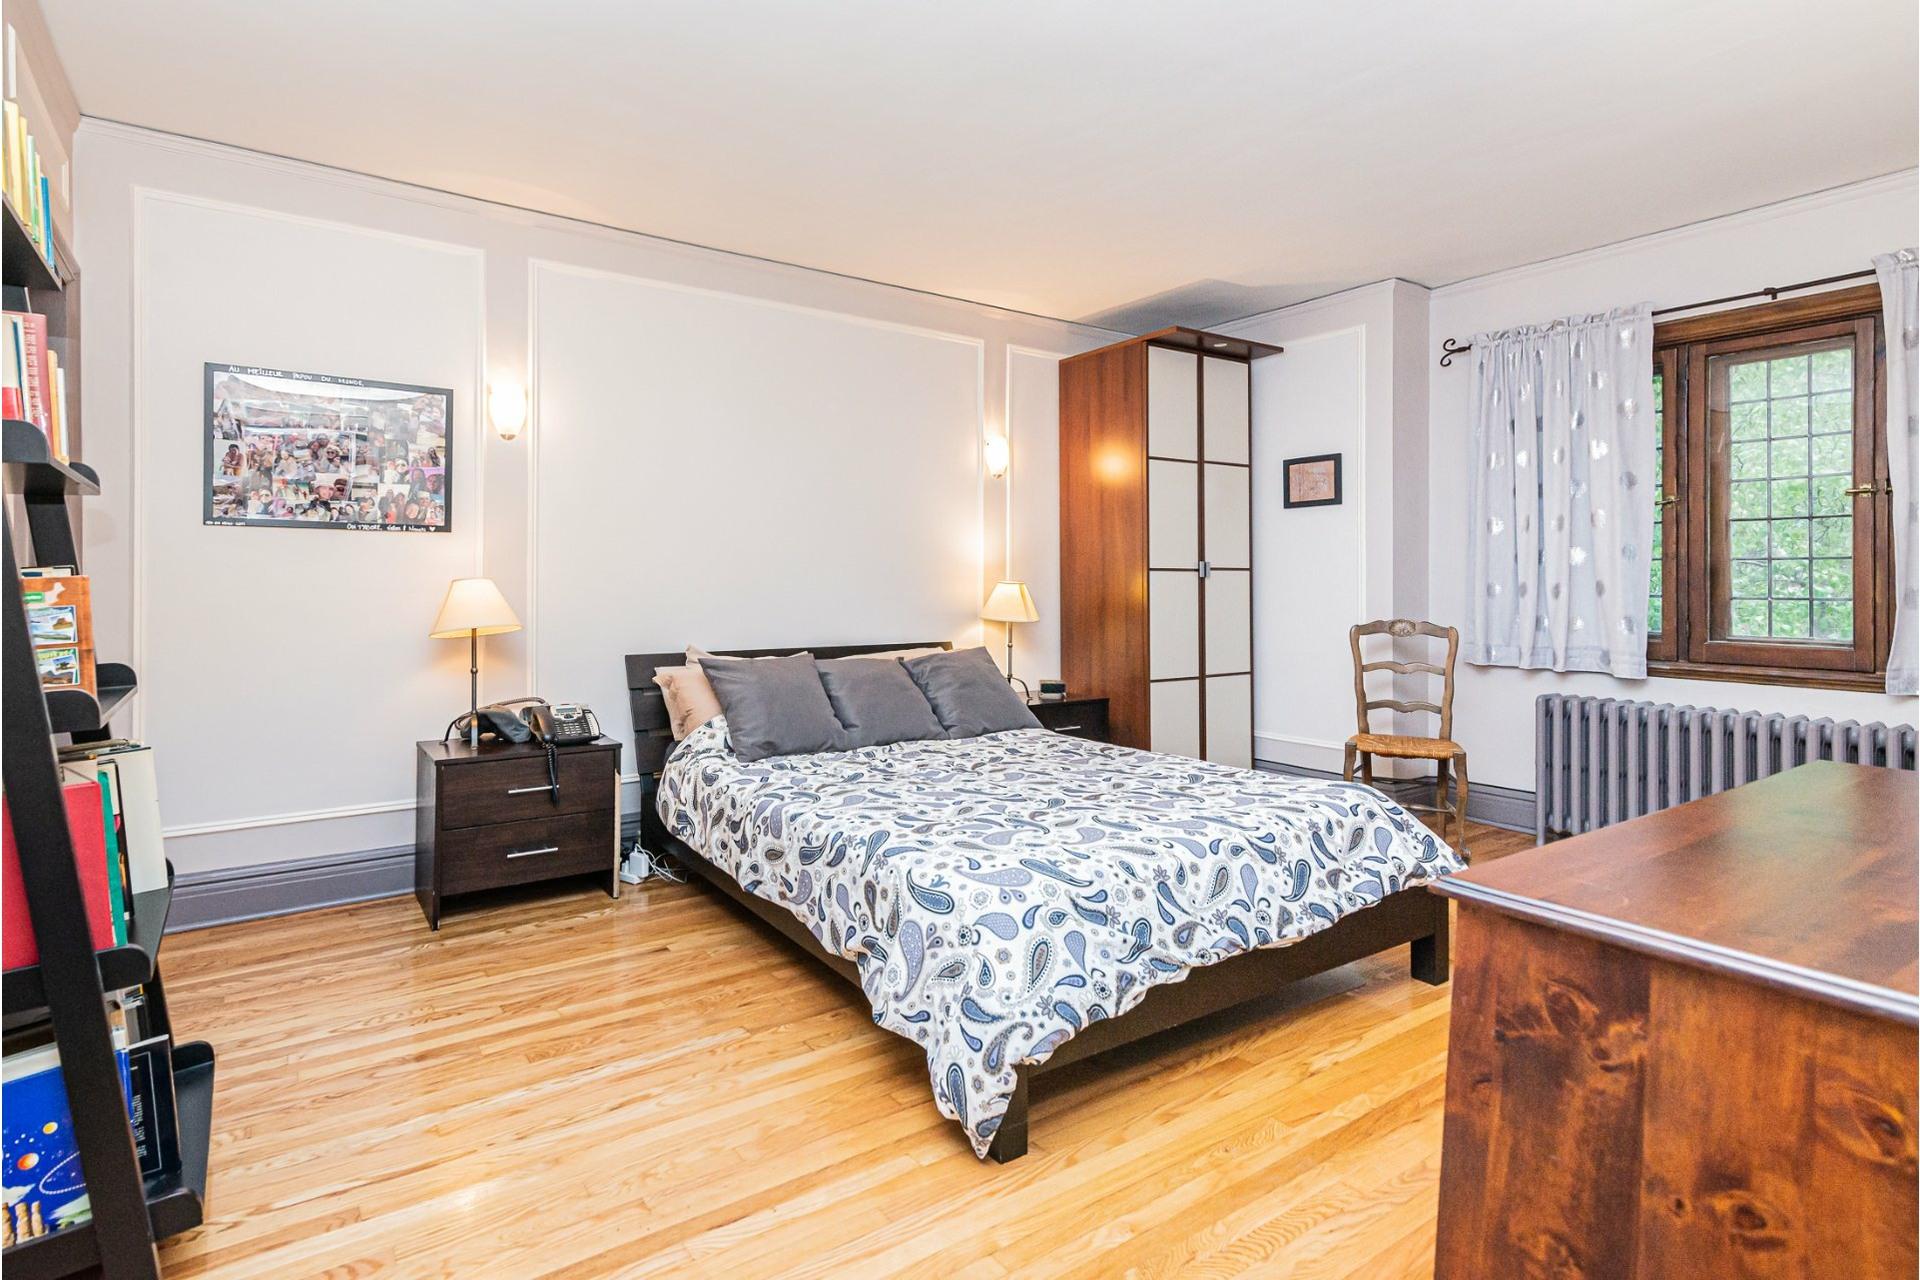 image 17 - House For rent Côte-des-Neiges/Notre-Dame-de-Grâce Montréal  - 9 rooms